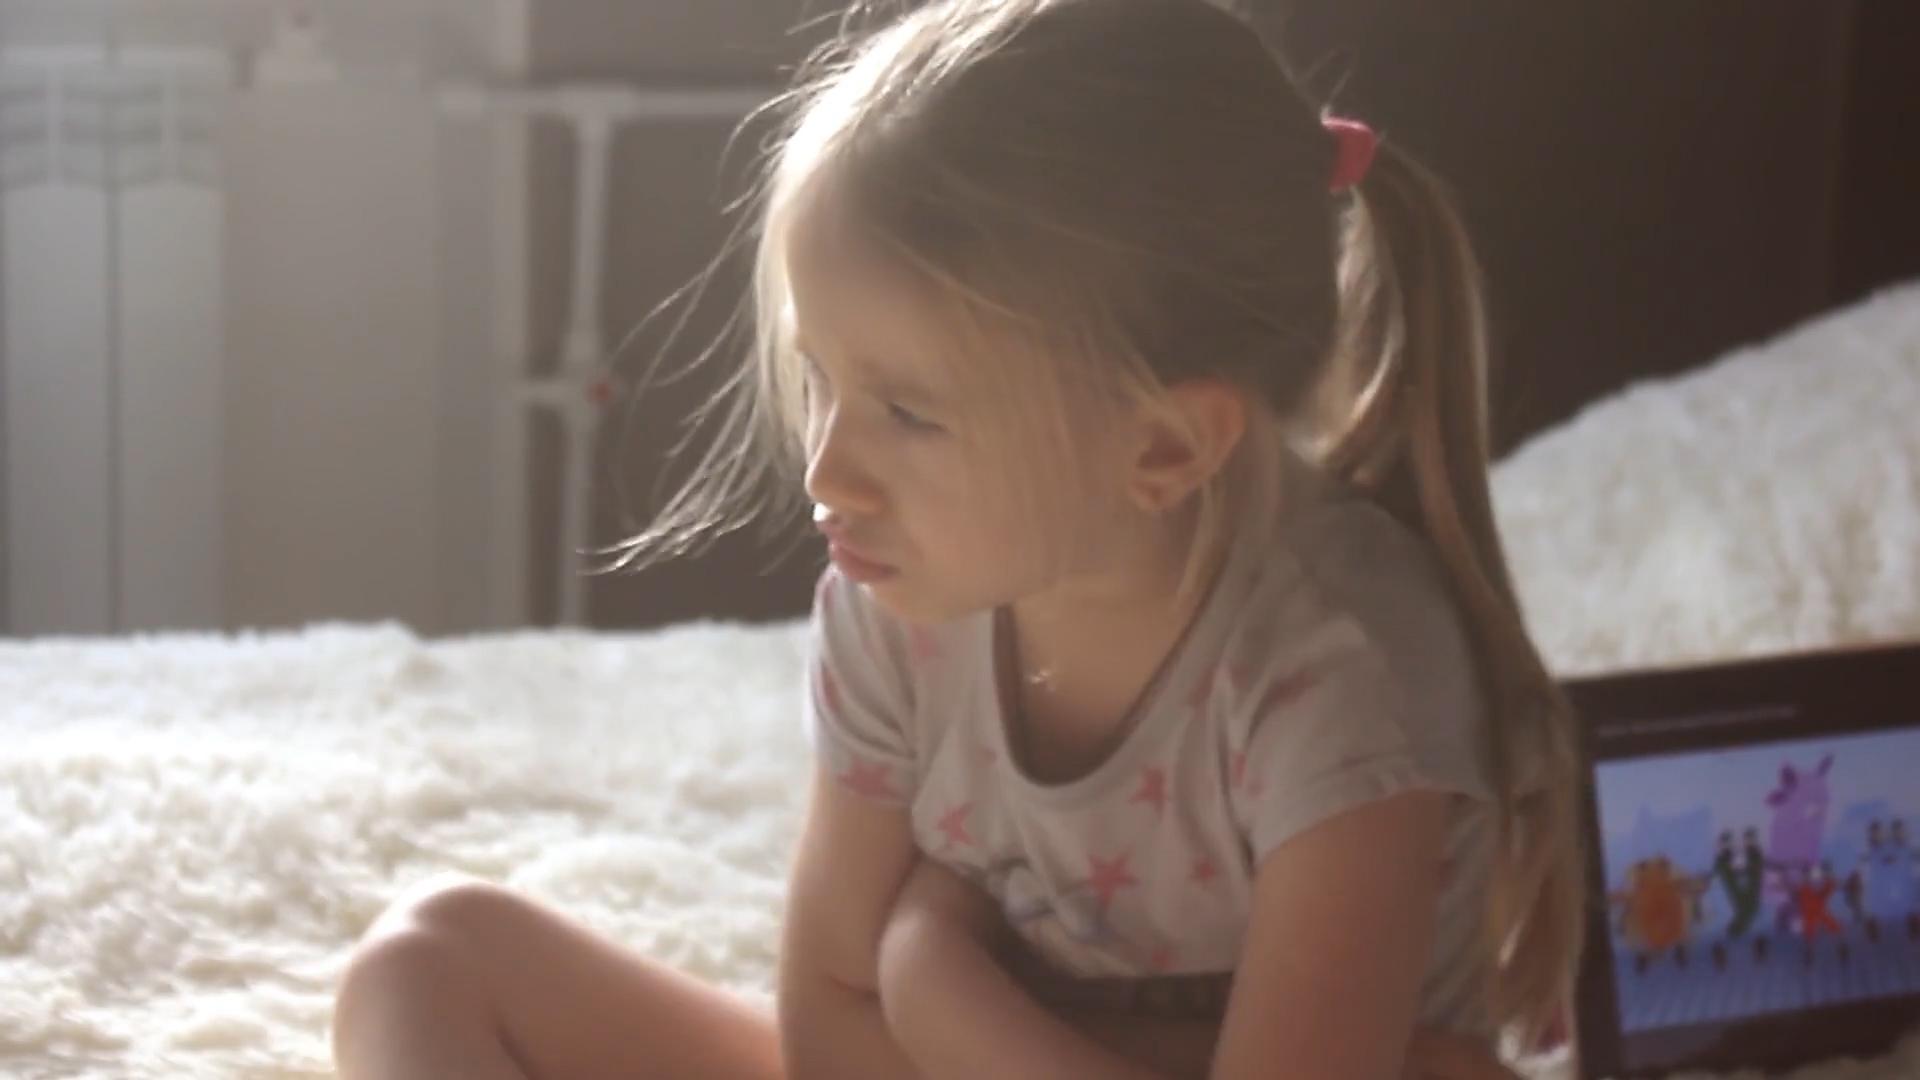 Czy twoje dziecko jest rozpieszczone?